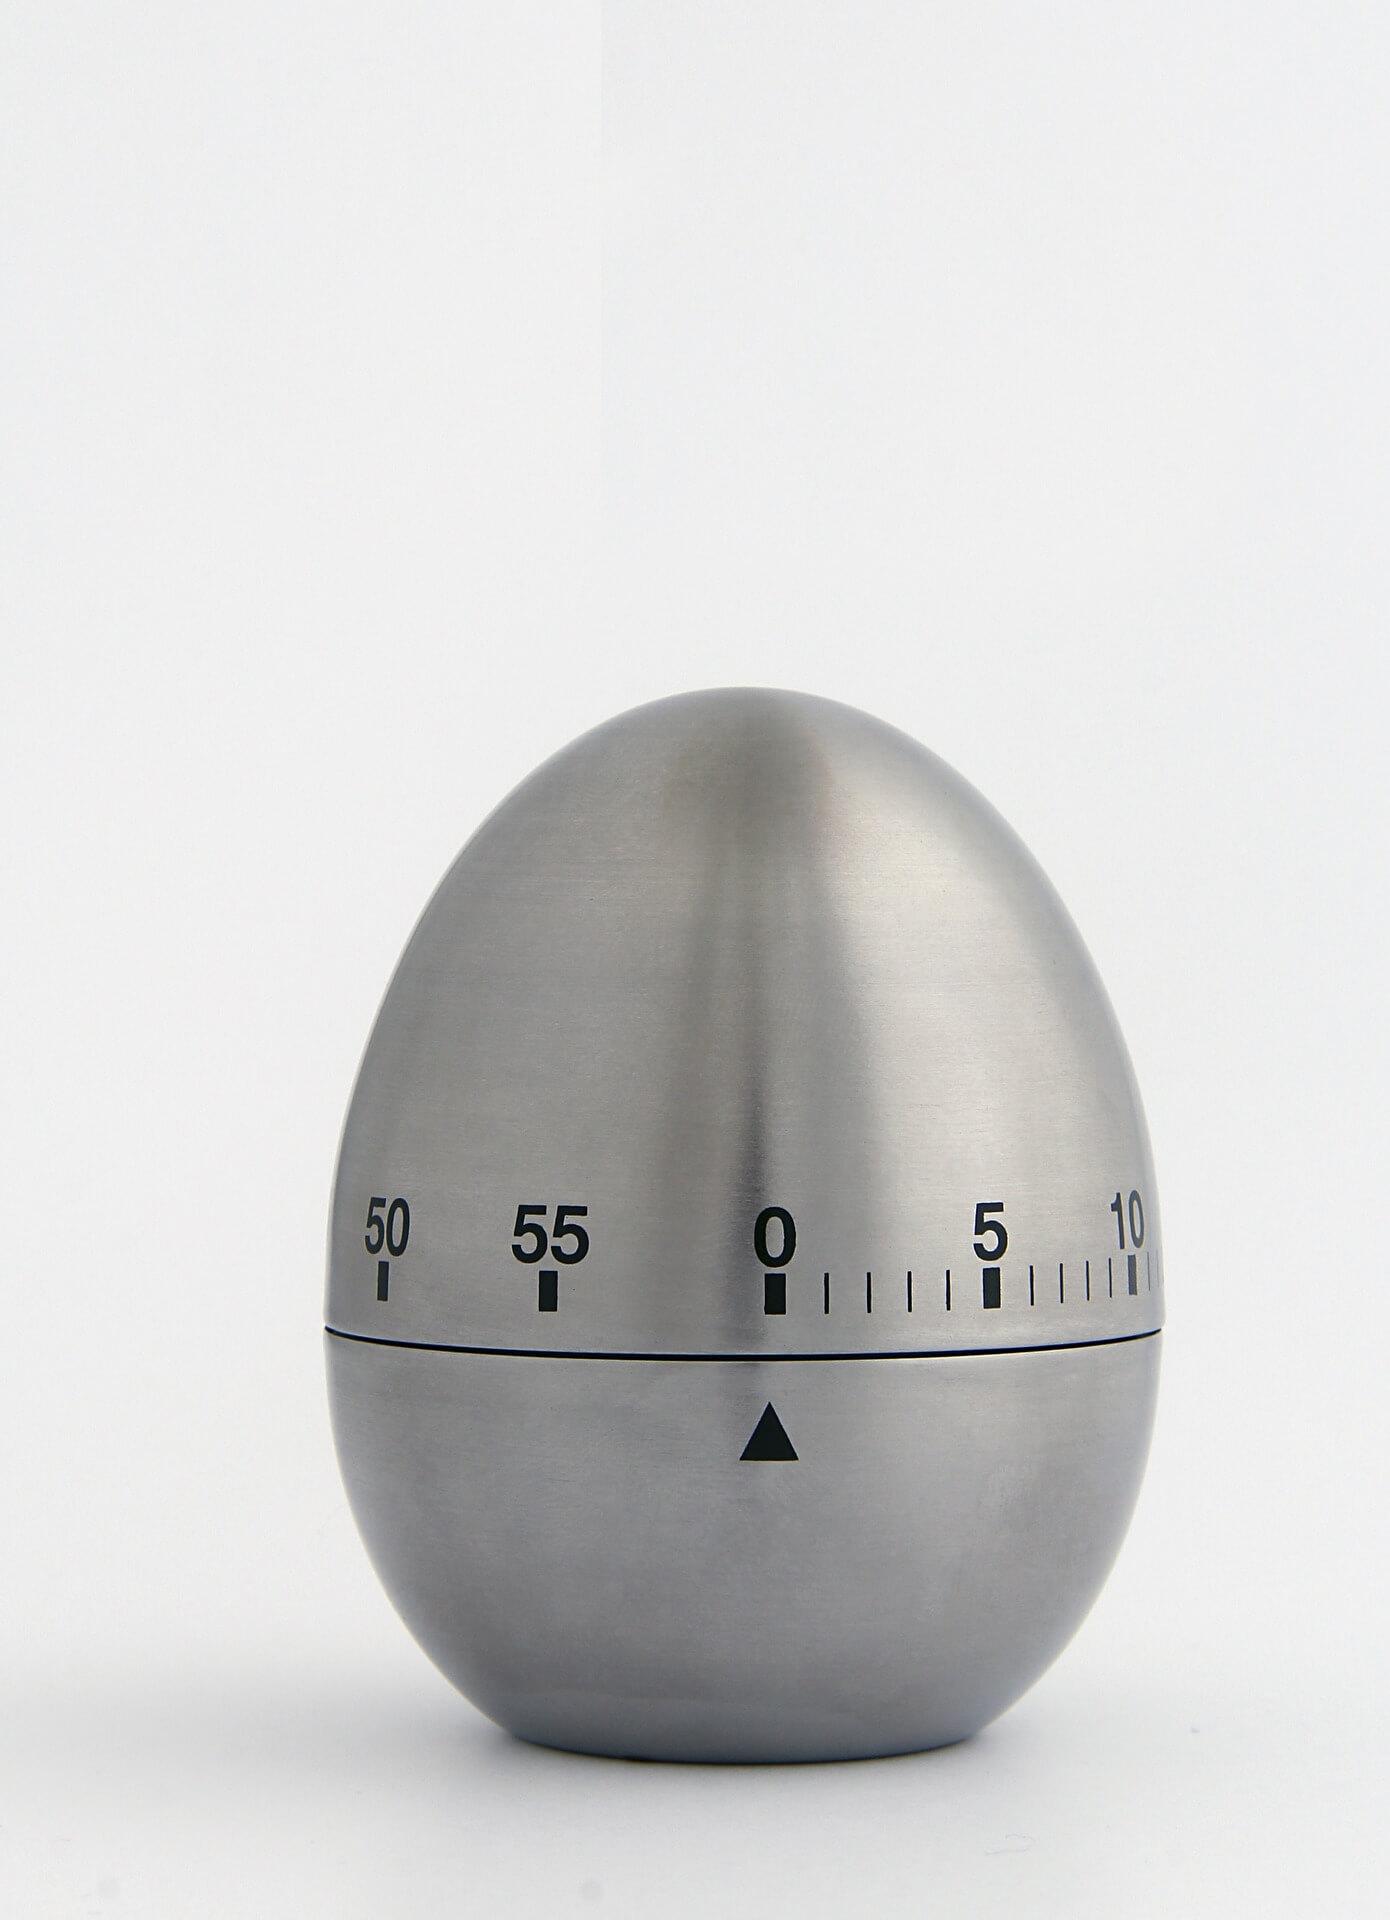 tecnica-del-pomodoro-timer